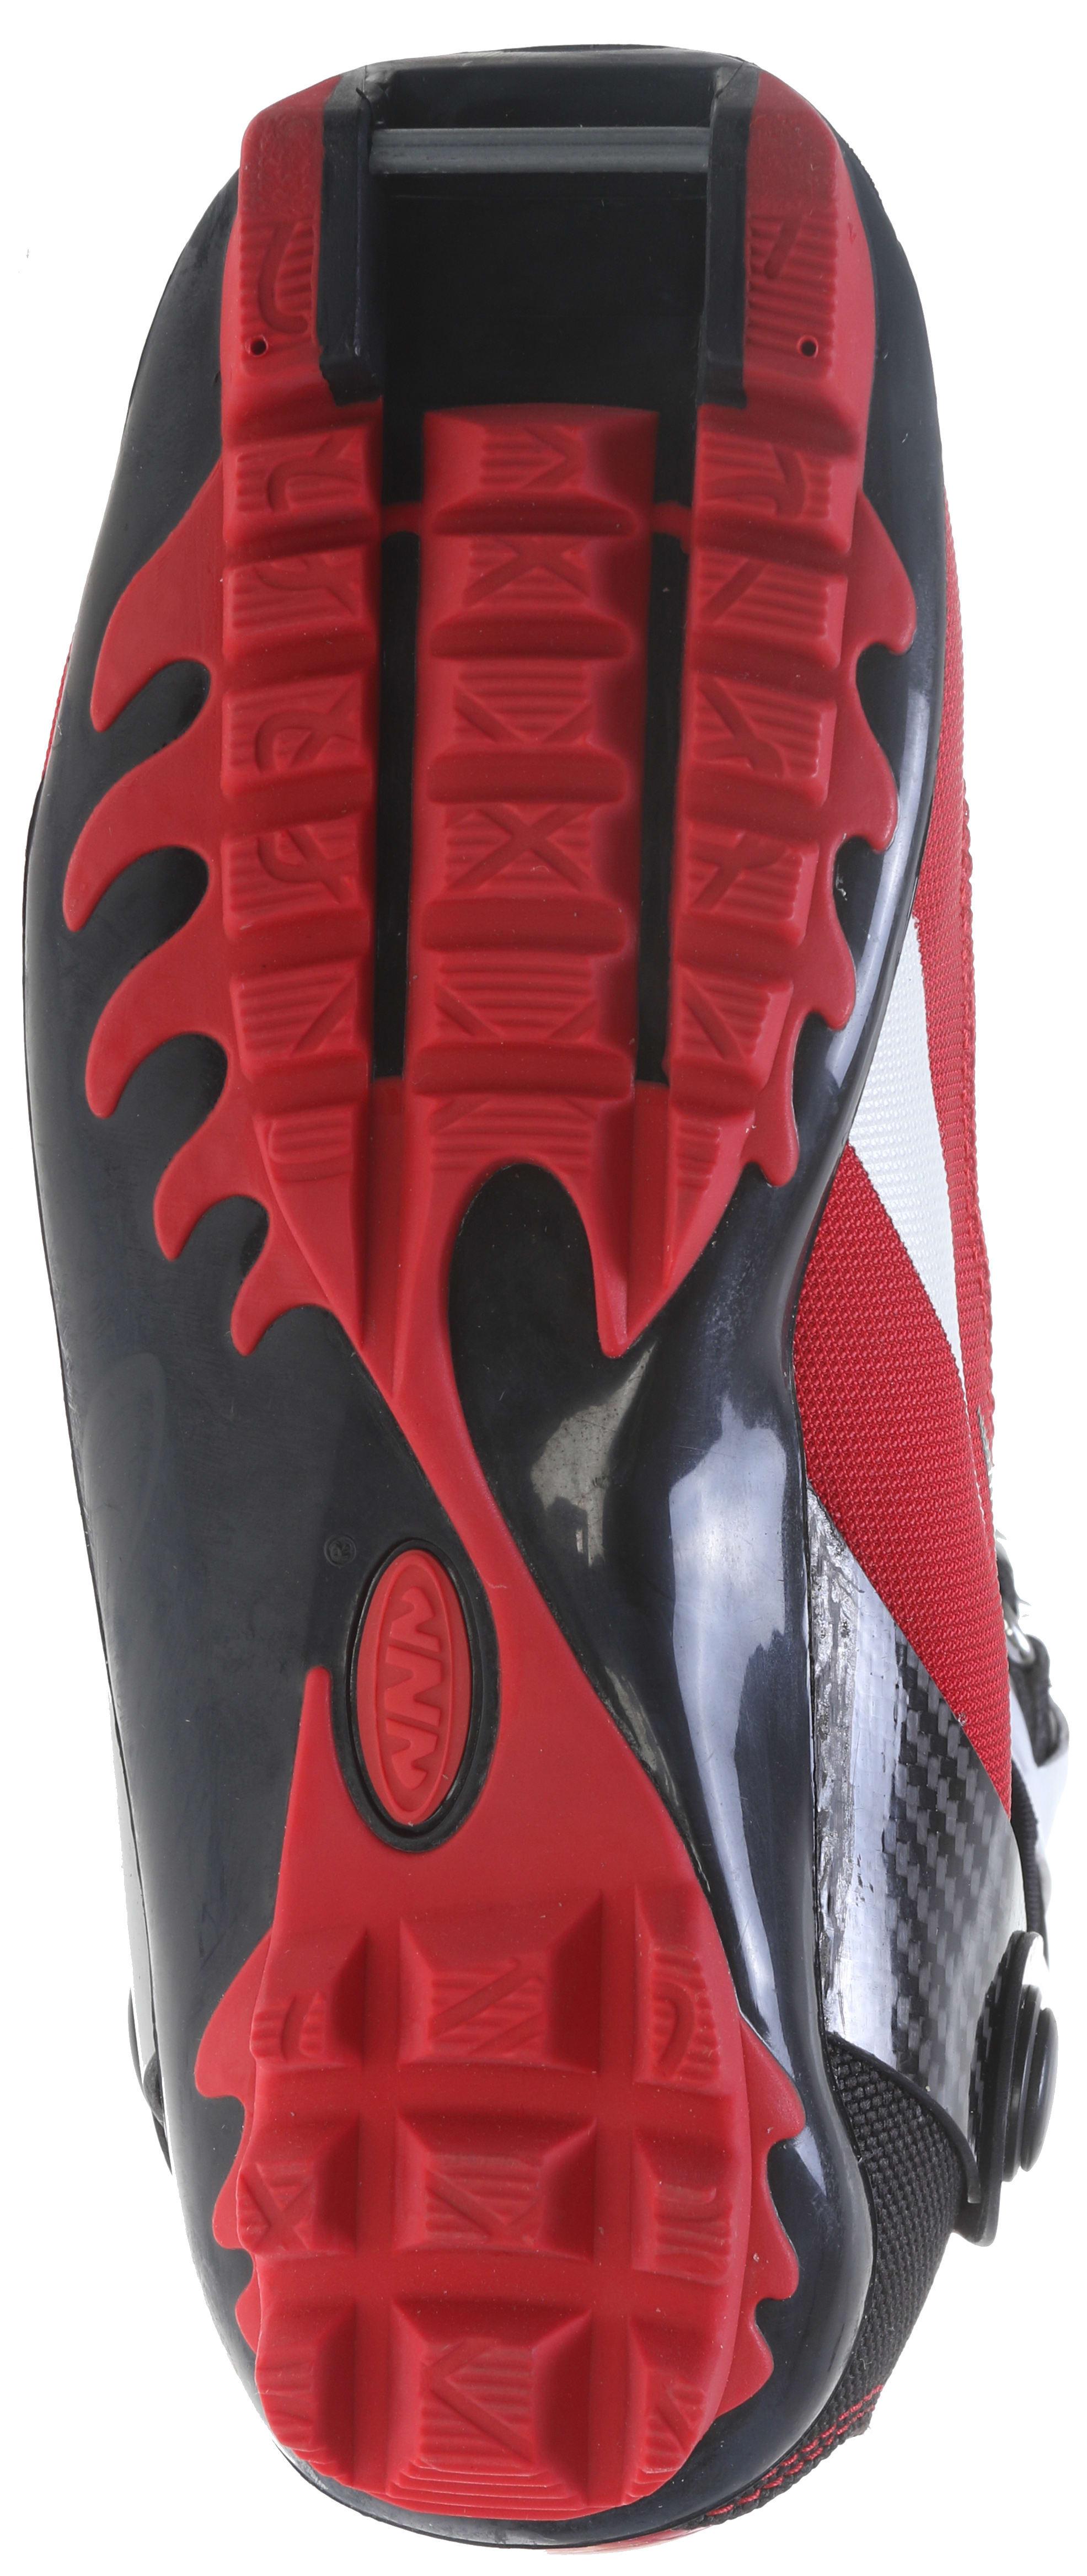 On Sale Madshus Nano Carbon Skate Xc Ski Boots Kids